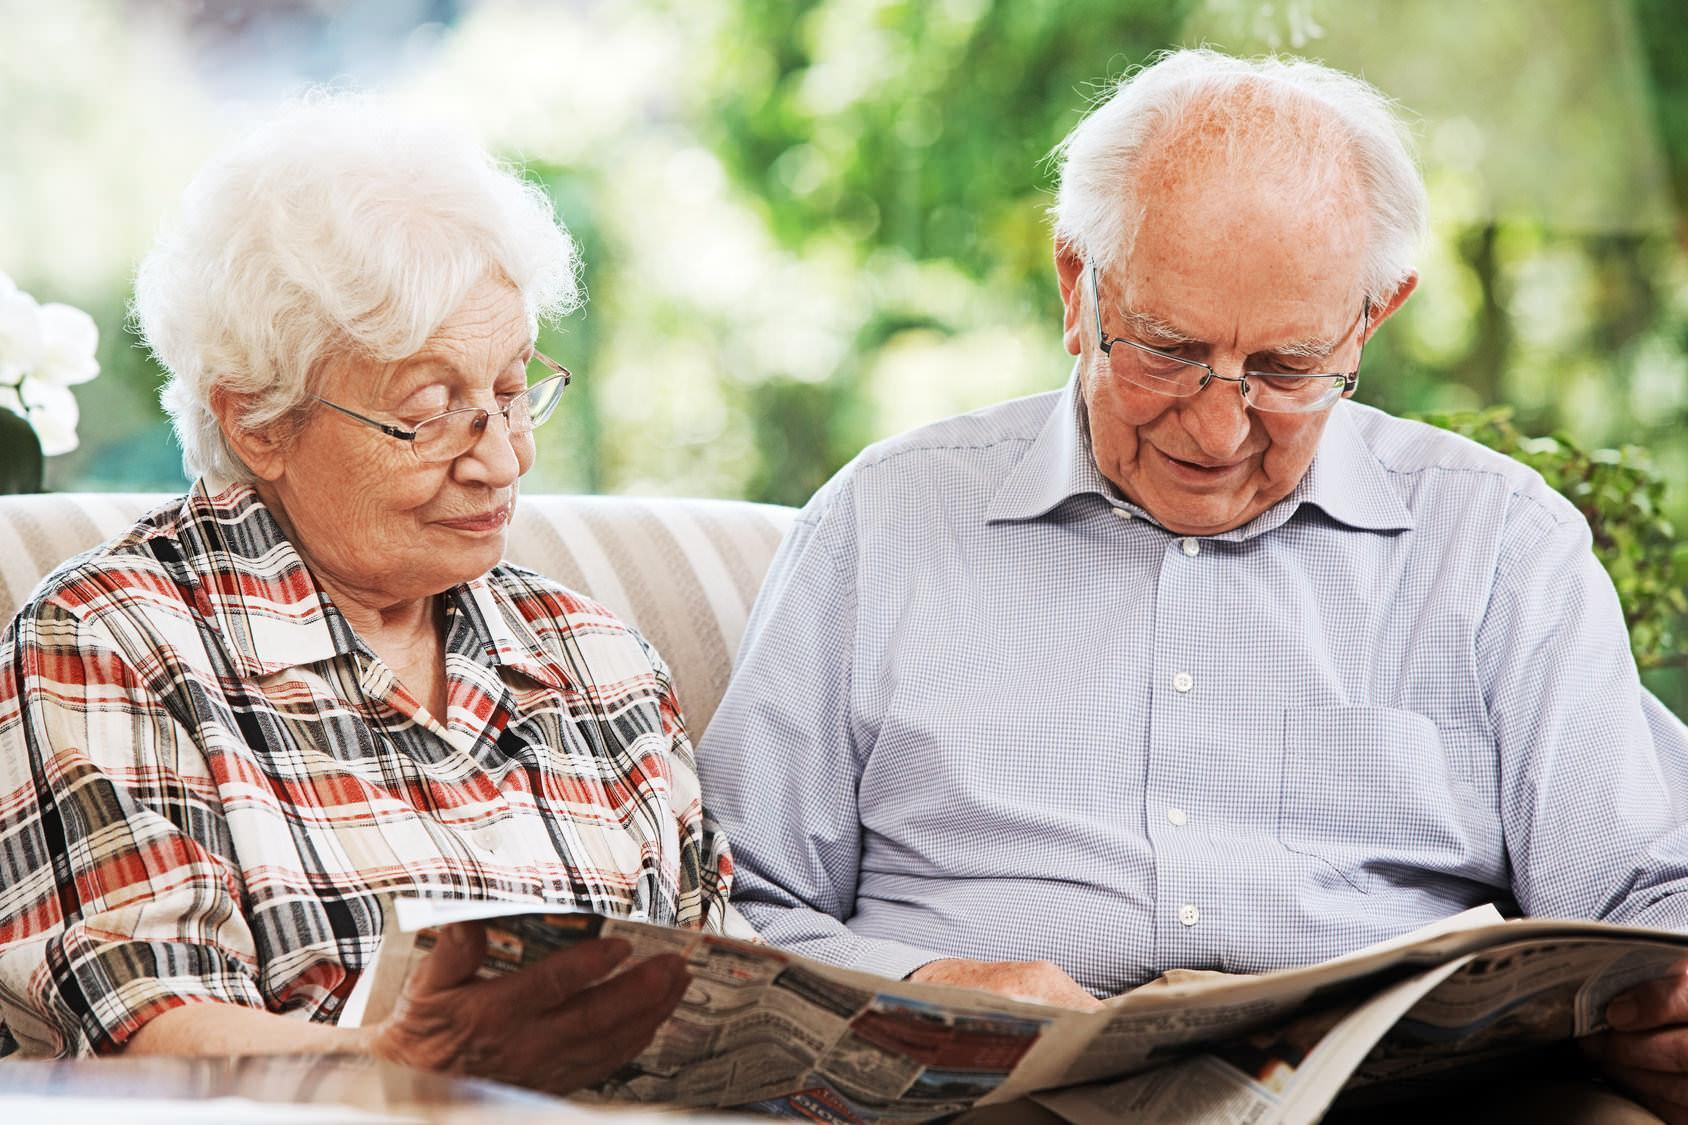 Госдума опровергла сообщения о повышении пенсионного возраста